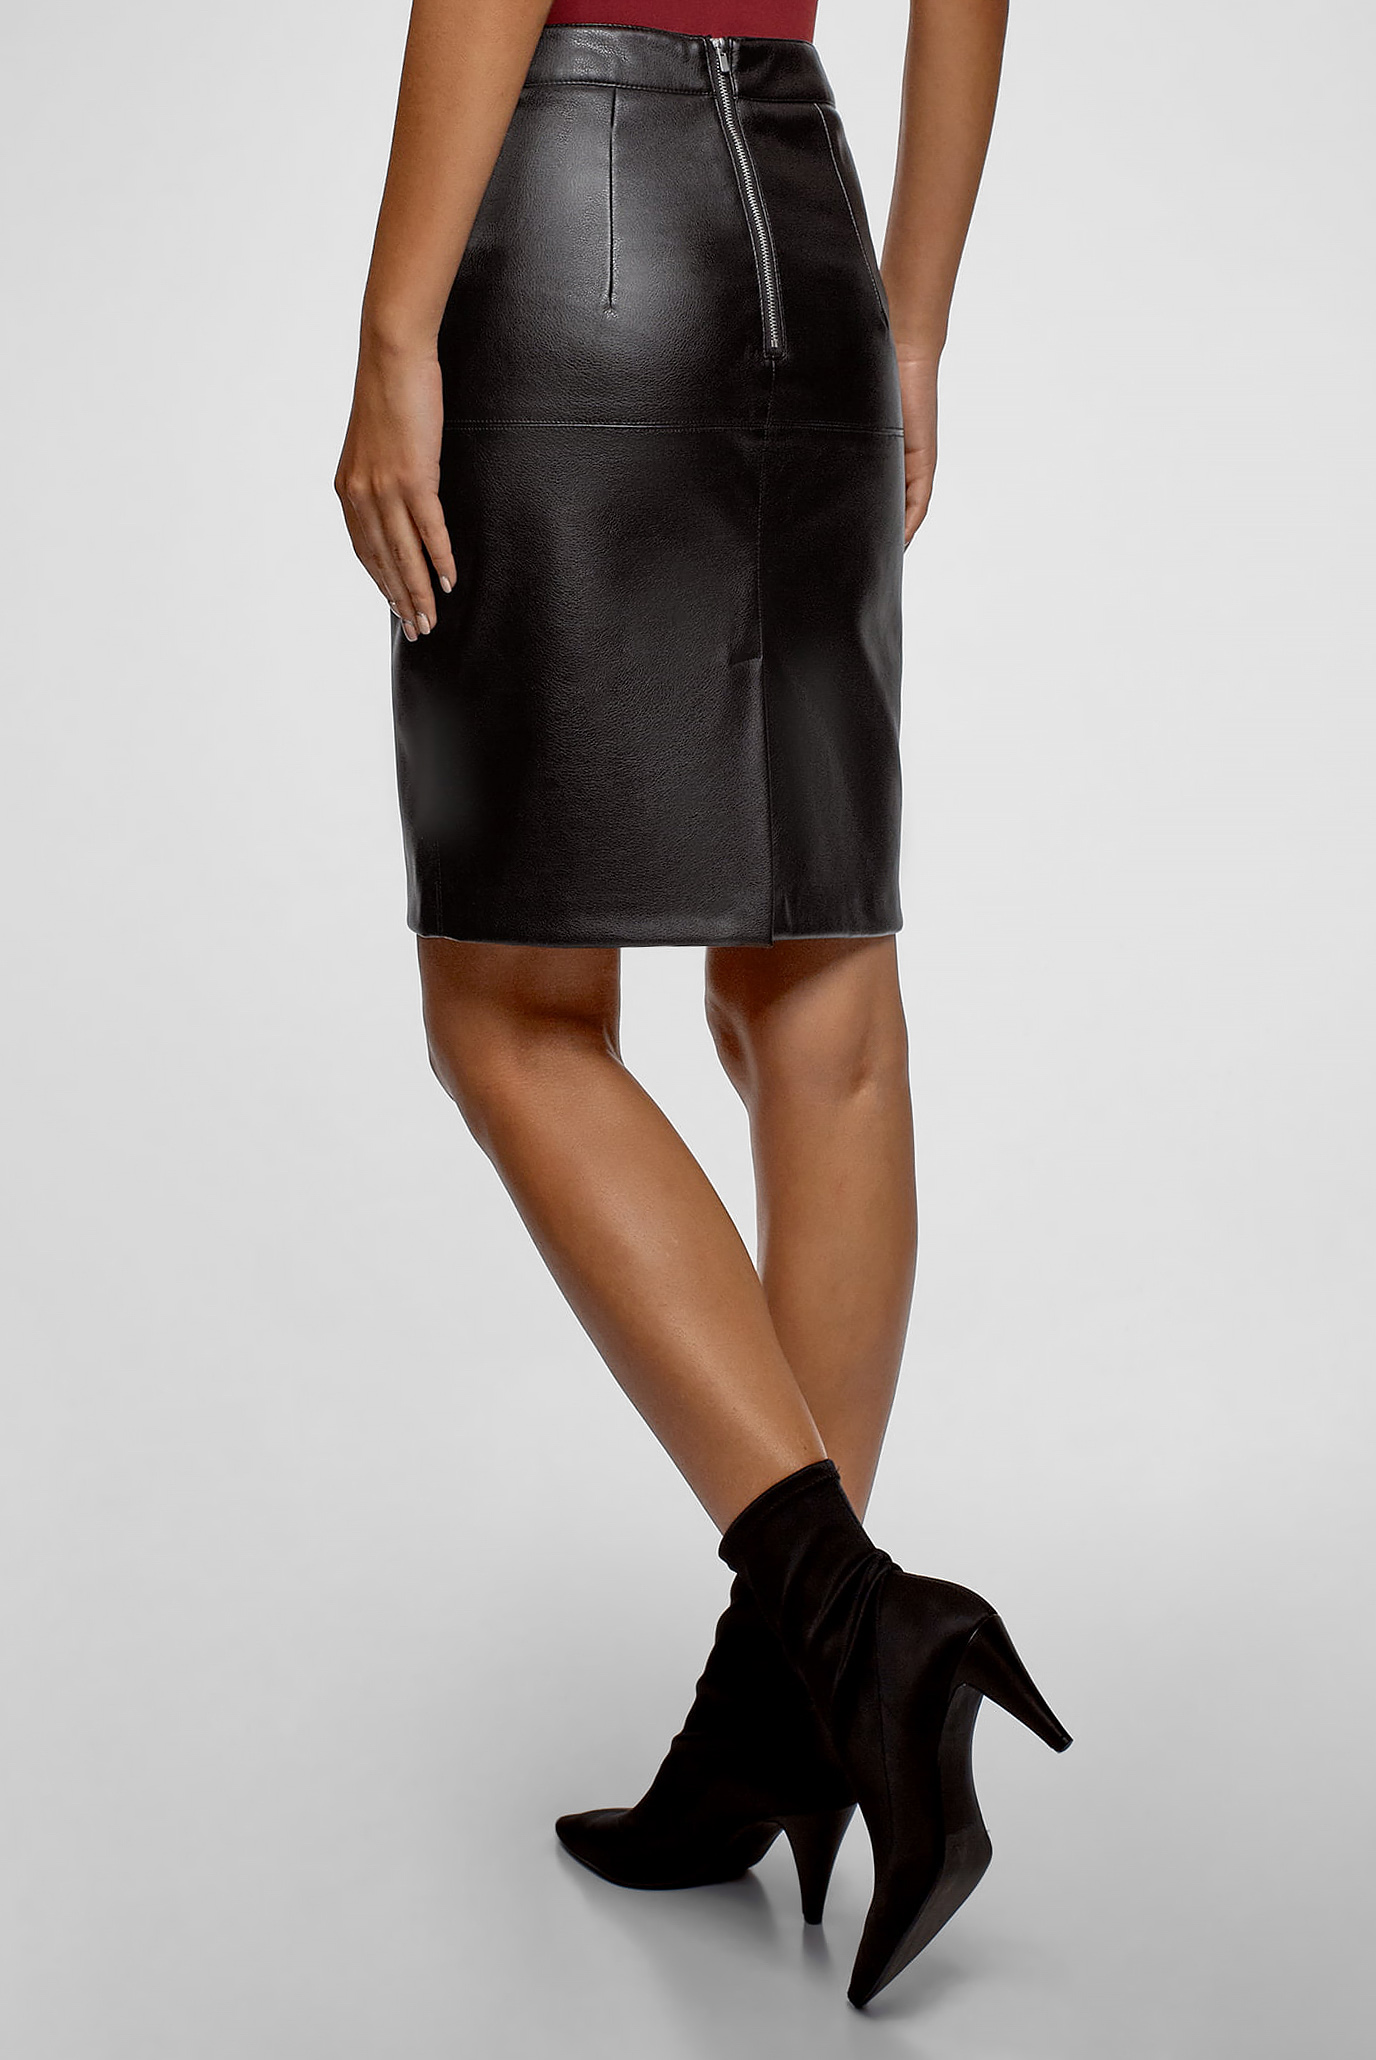 Ручная работа, handmade | Мода на кожу, Кожаная юбка, Кожаные наряды | 2060x1376